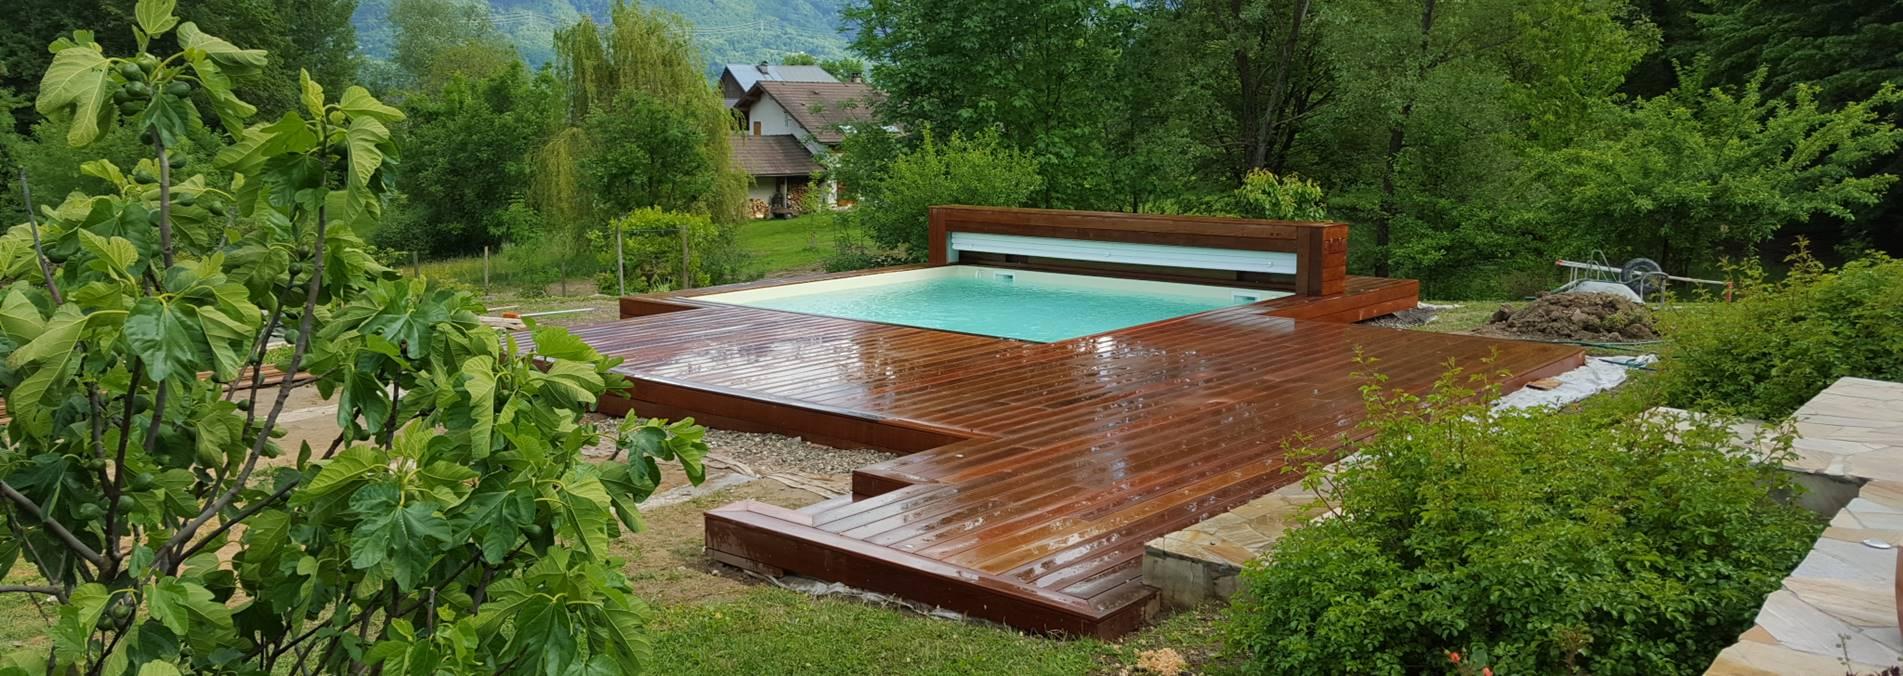 vercors piscine piscine mini piscine et terrasse en bois. Black Bedroom Furniture Sets. Home Design Ideas